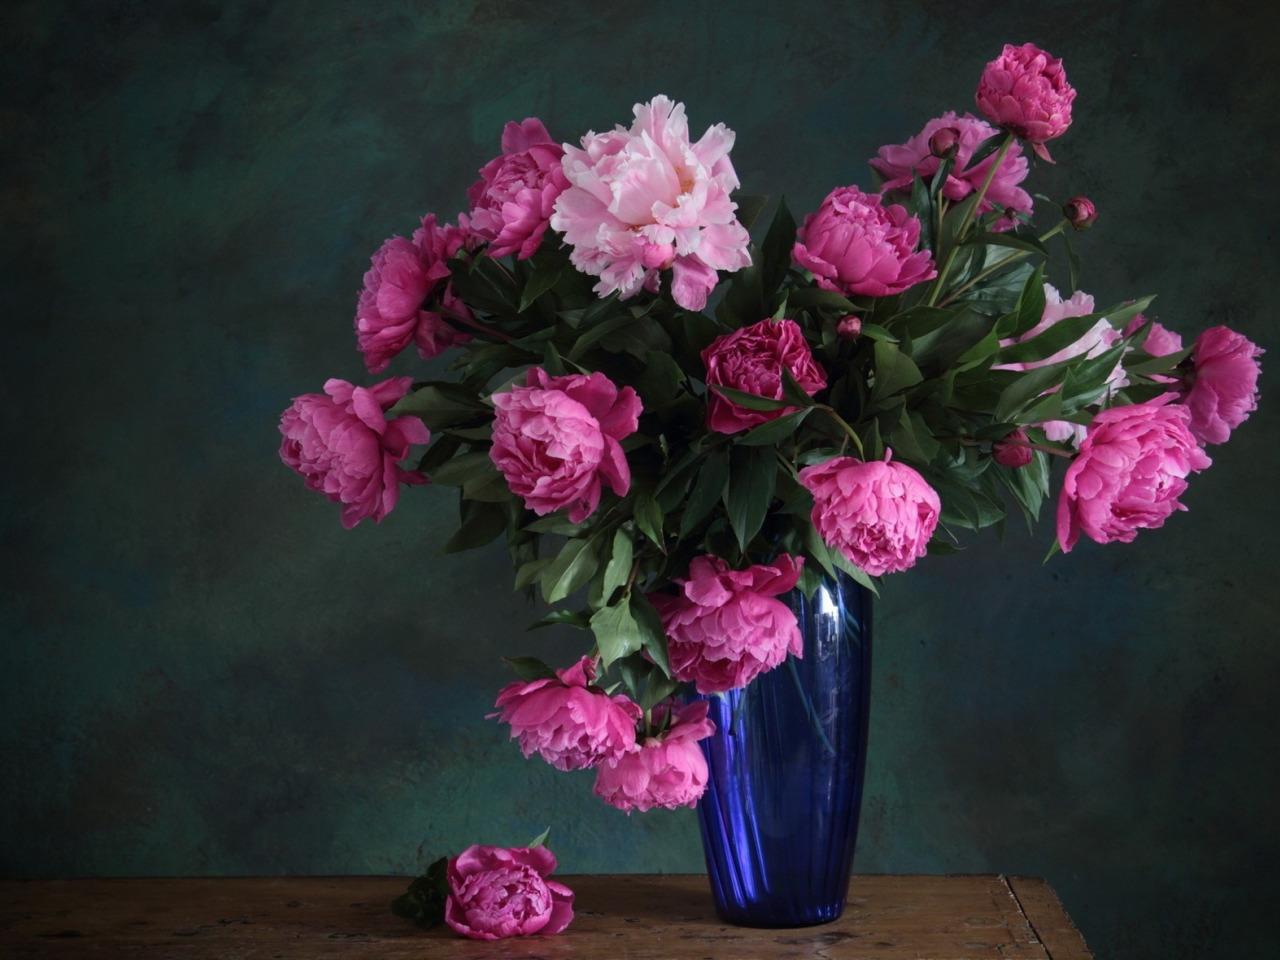 Картинки с цветами пионами, она страсти надписями